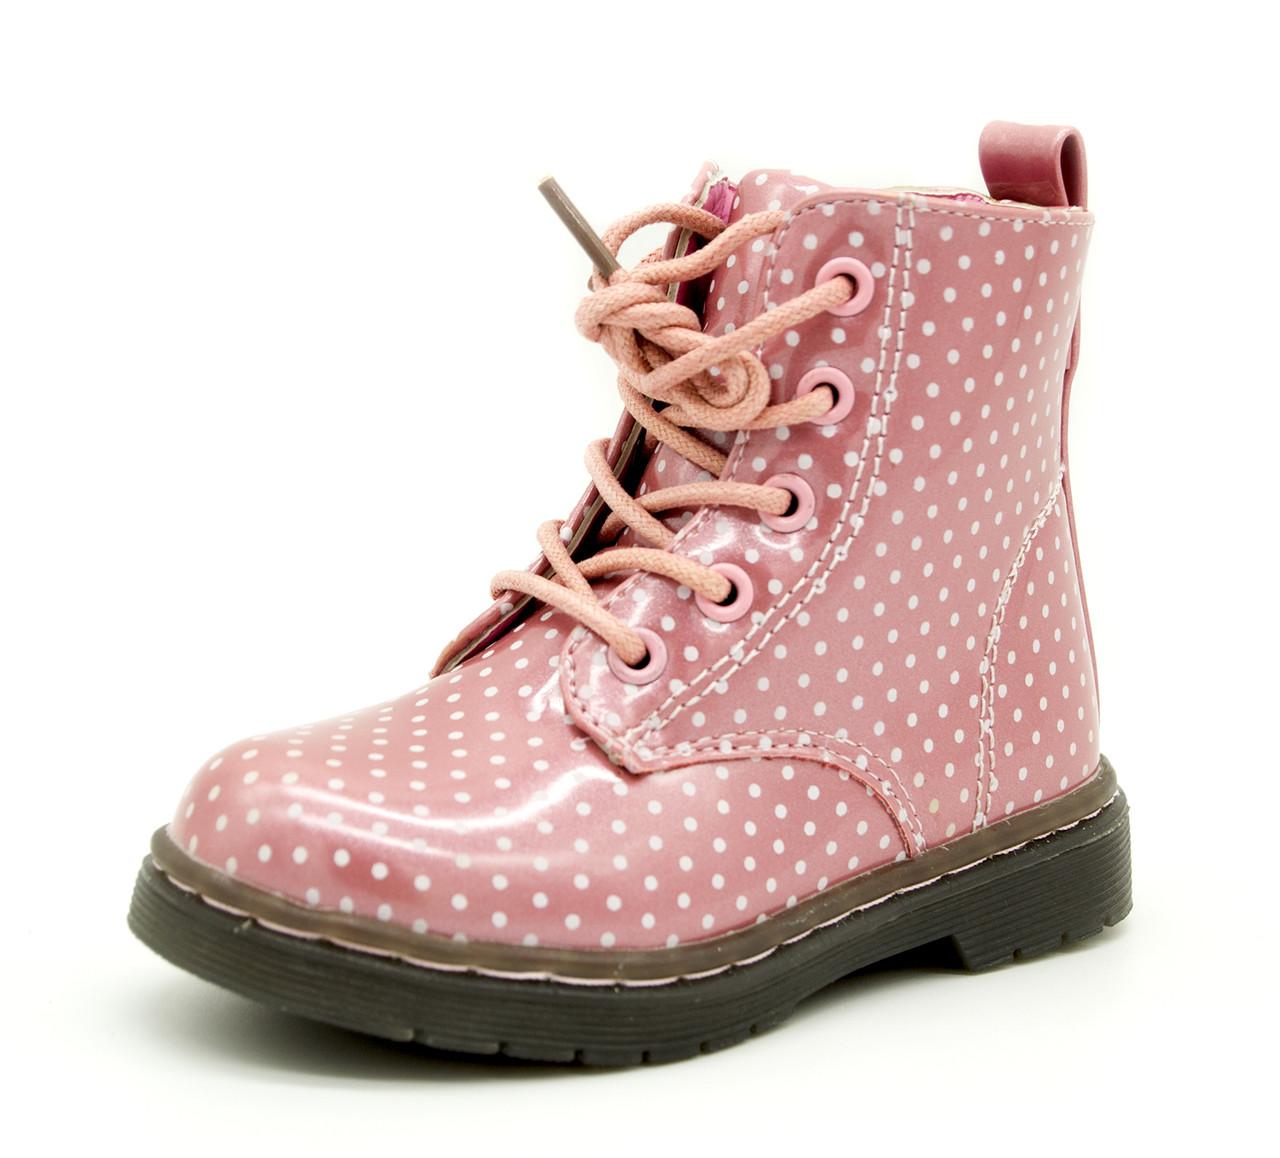 Демисезонные ботинки для девочки Розовые Размеры: 23, 24, 25, 26, 27, 28